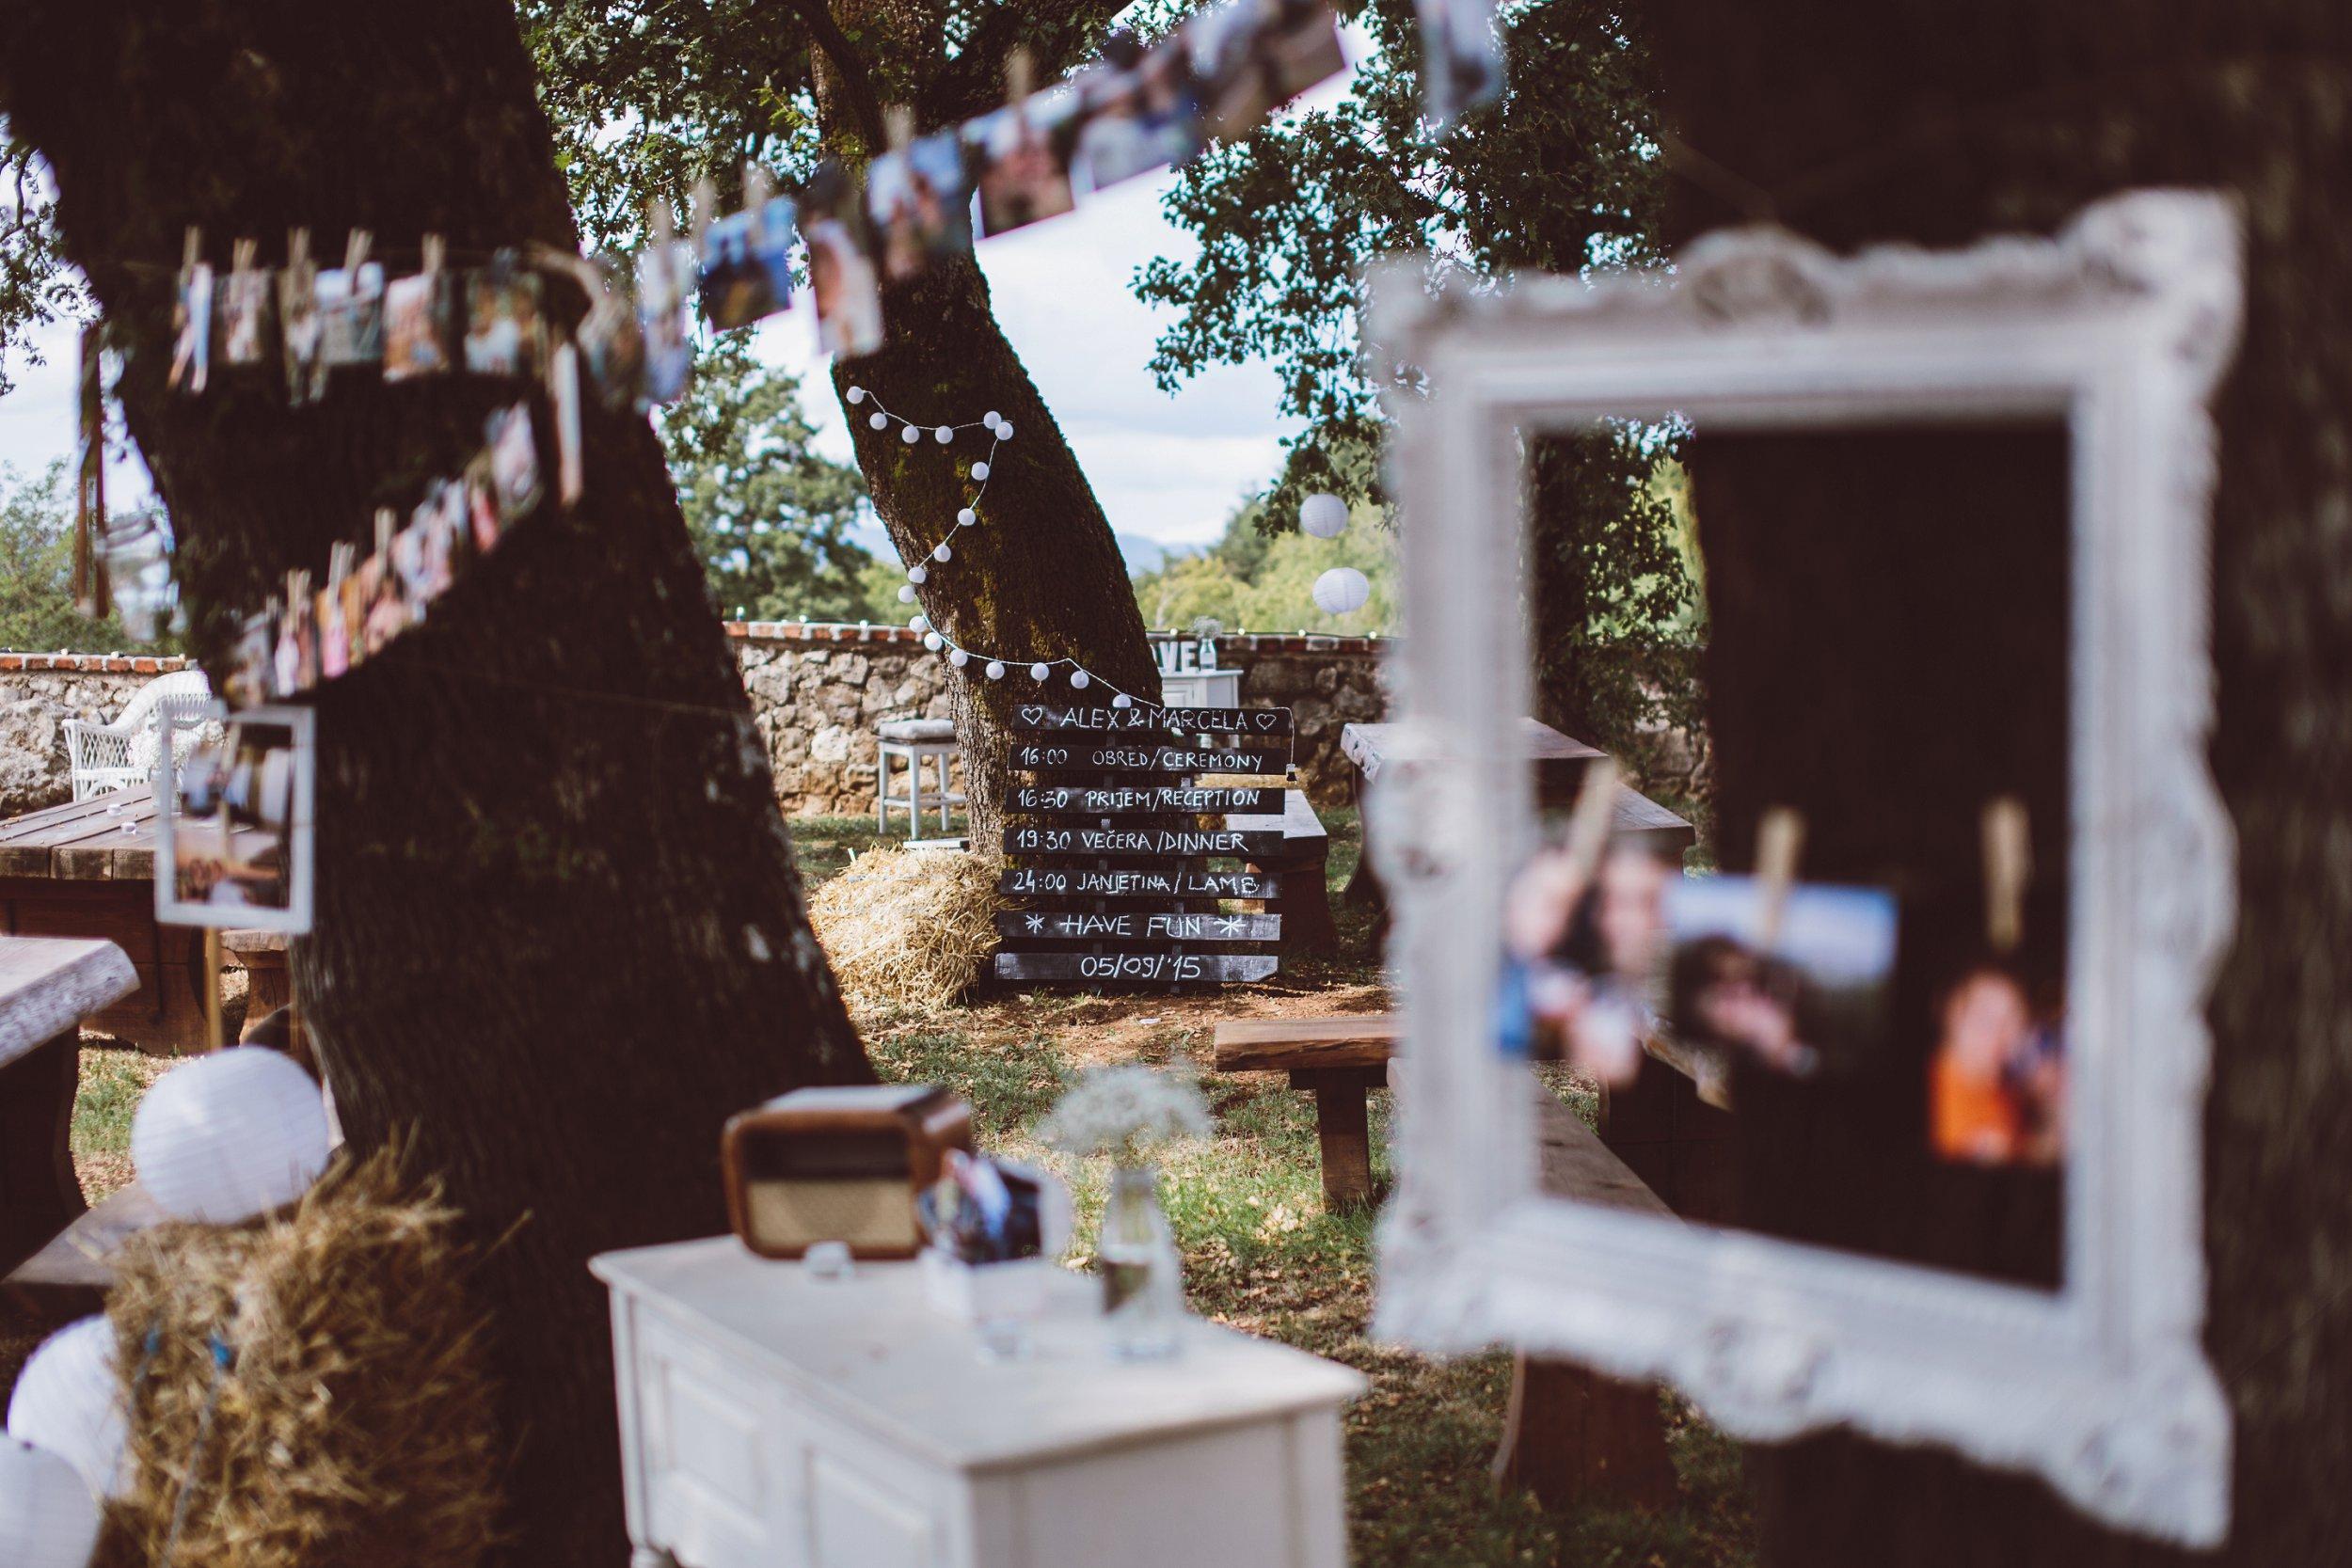 dalibora_bijelic_istria_wedding_0004